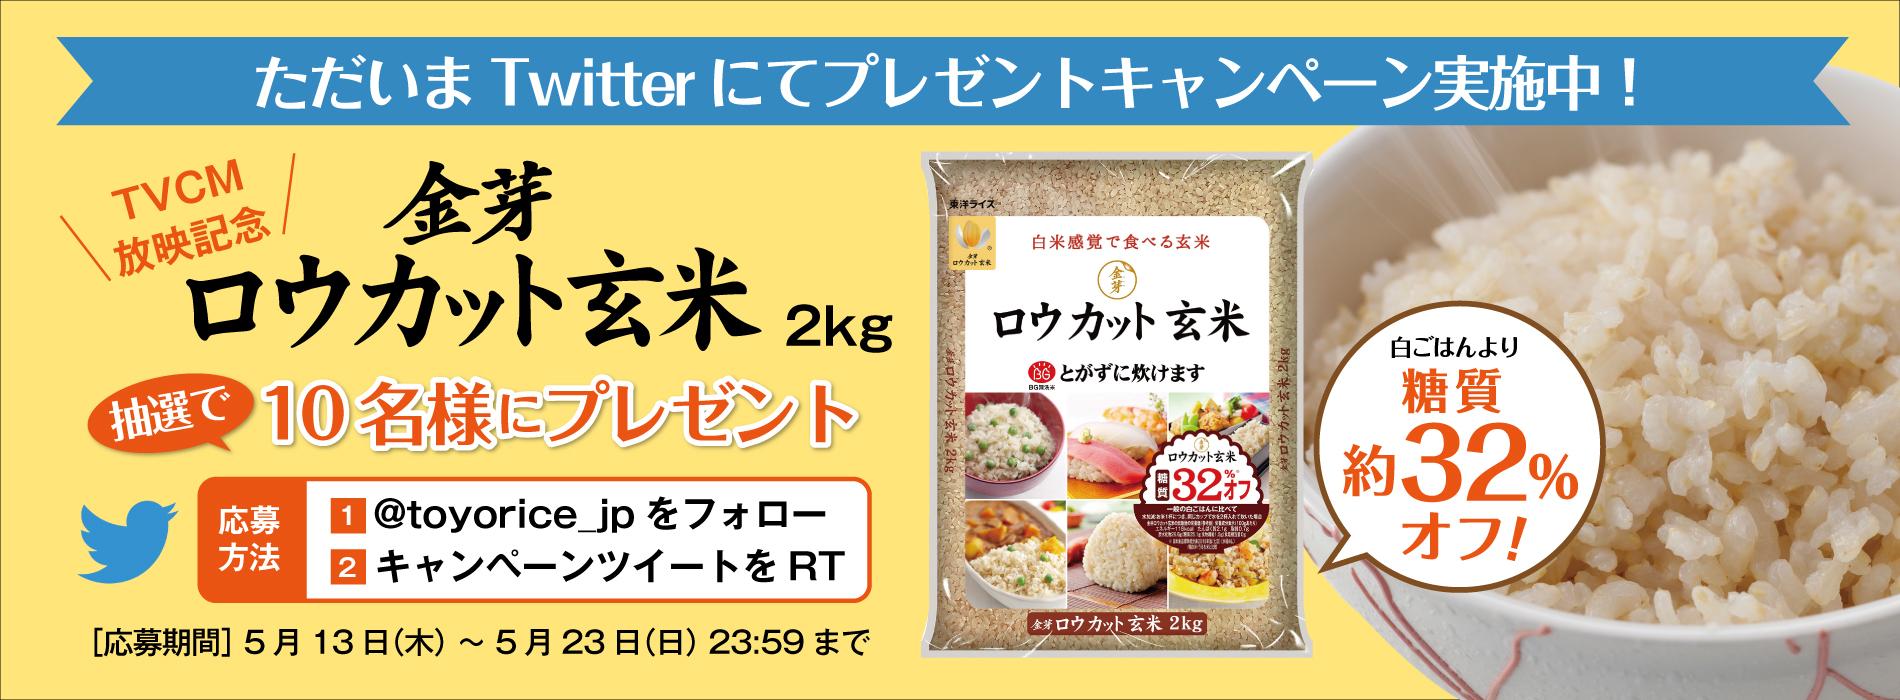 金芽ロウカット玄米が当たるTwitterプレゼントキャンペーンのお知らせ